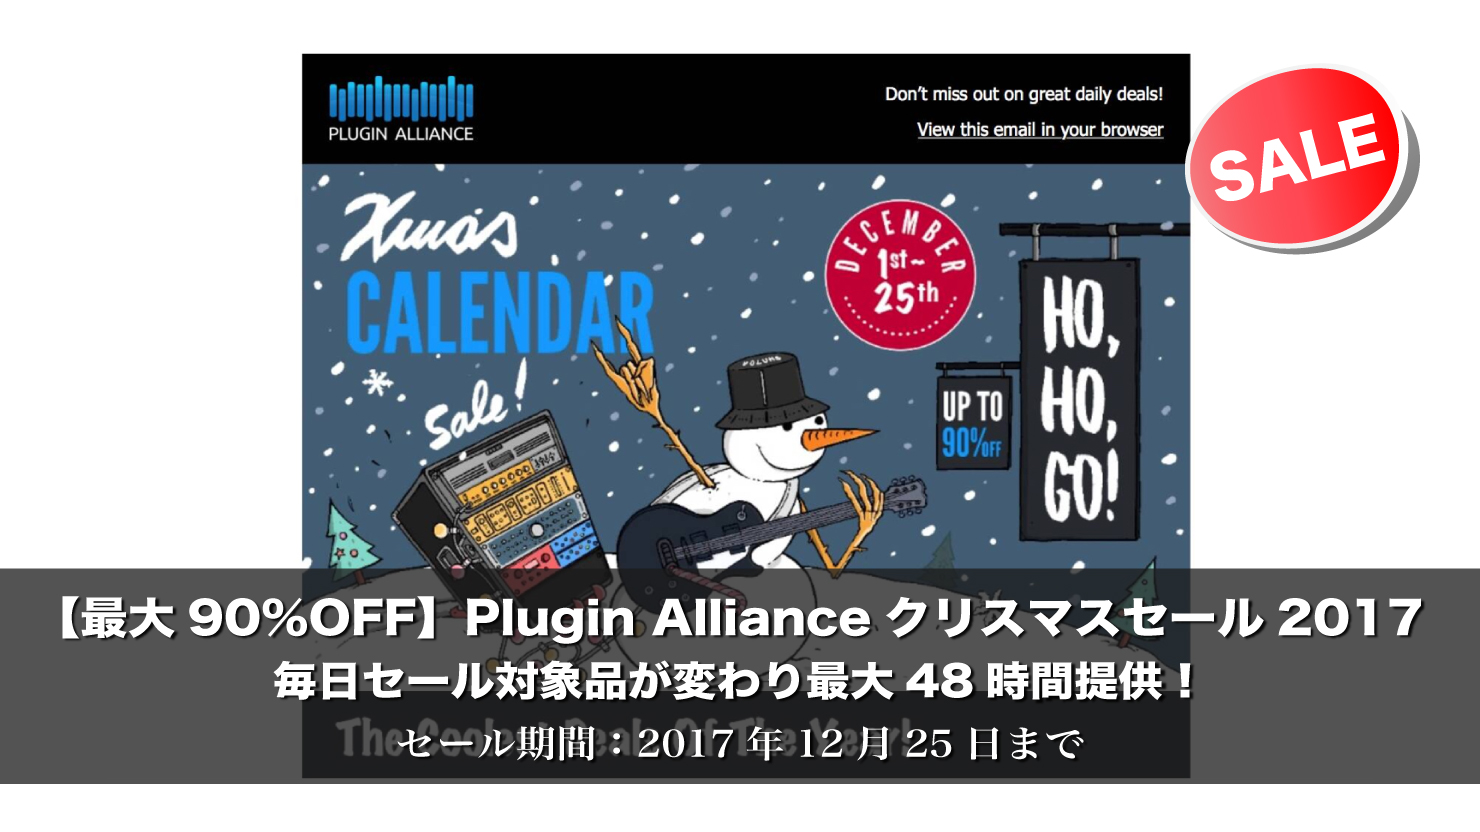 【最大90%OFF】Plugin Alliance クリスマスセール2017 毎日セール対象品が変わり最大48時間提供!